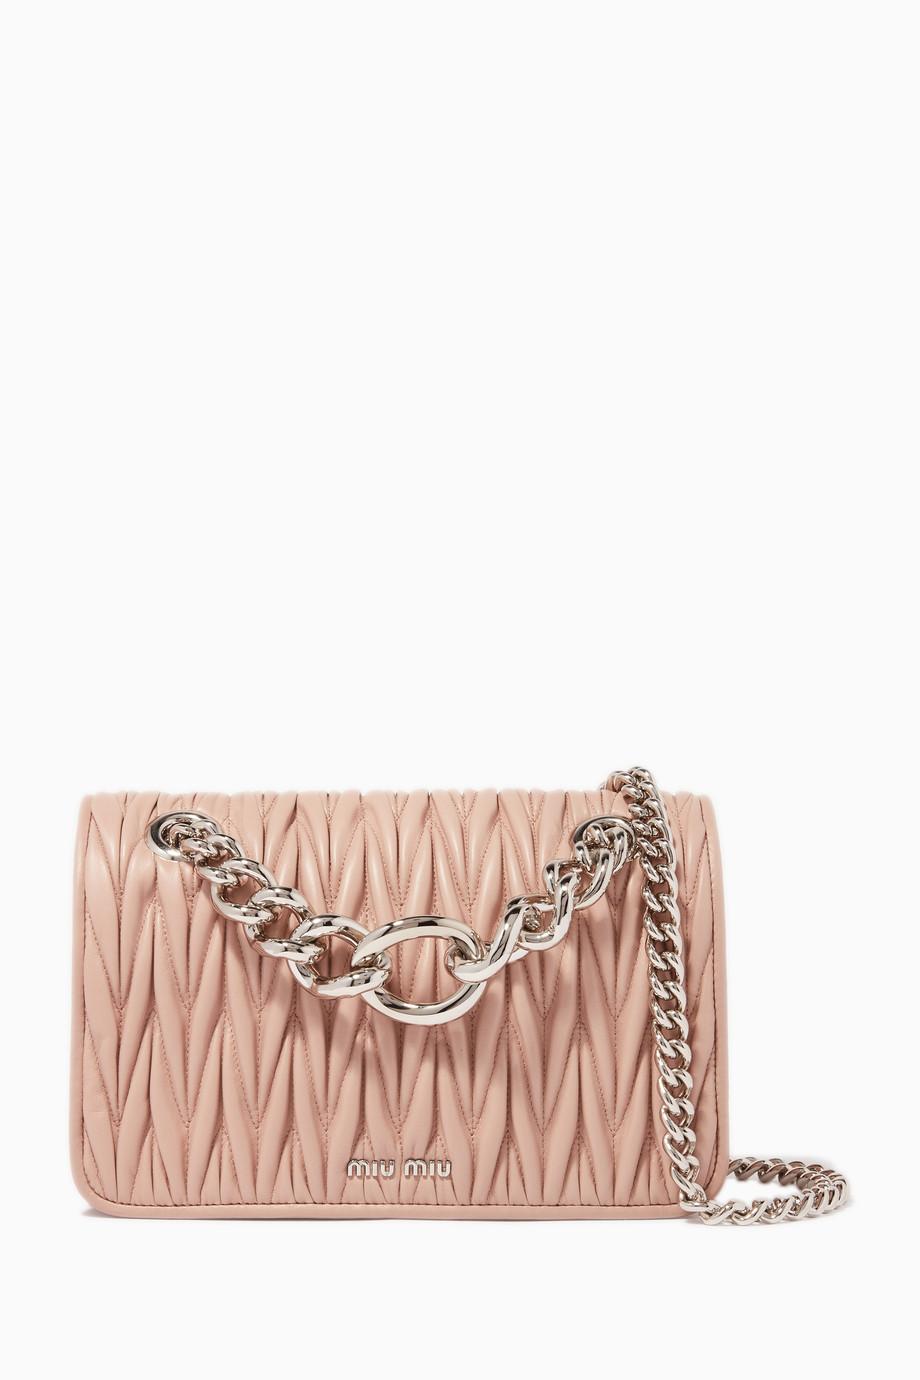 14c1e7c324de Shop Miu Miu Pink Blush Medium Club Chain Shoulder Bag for Women